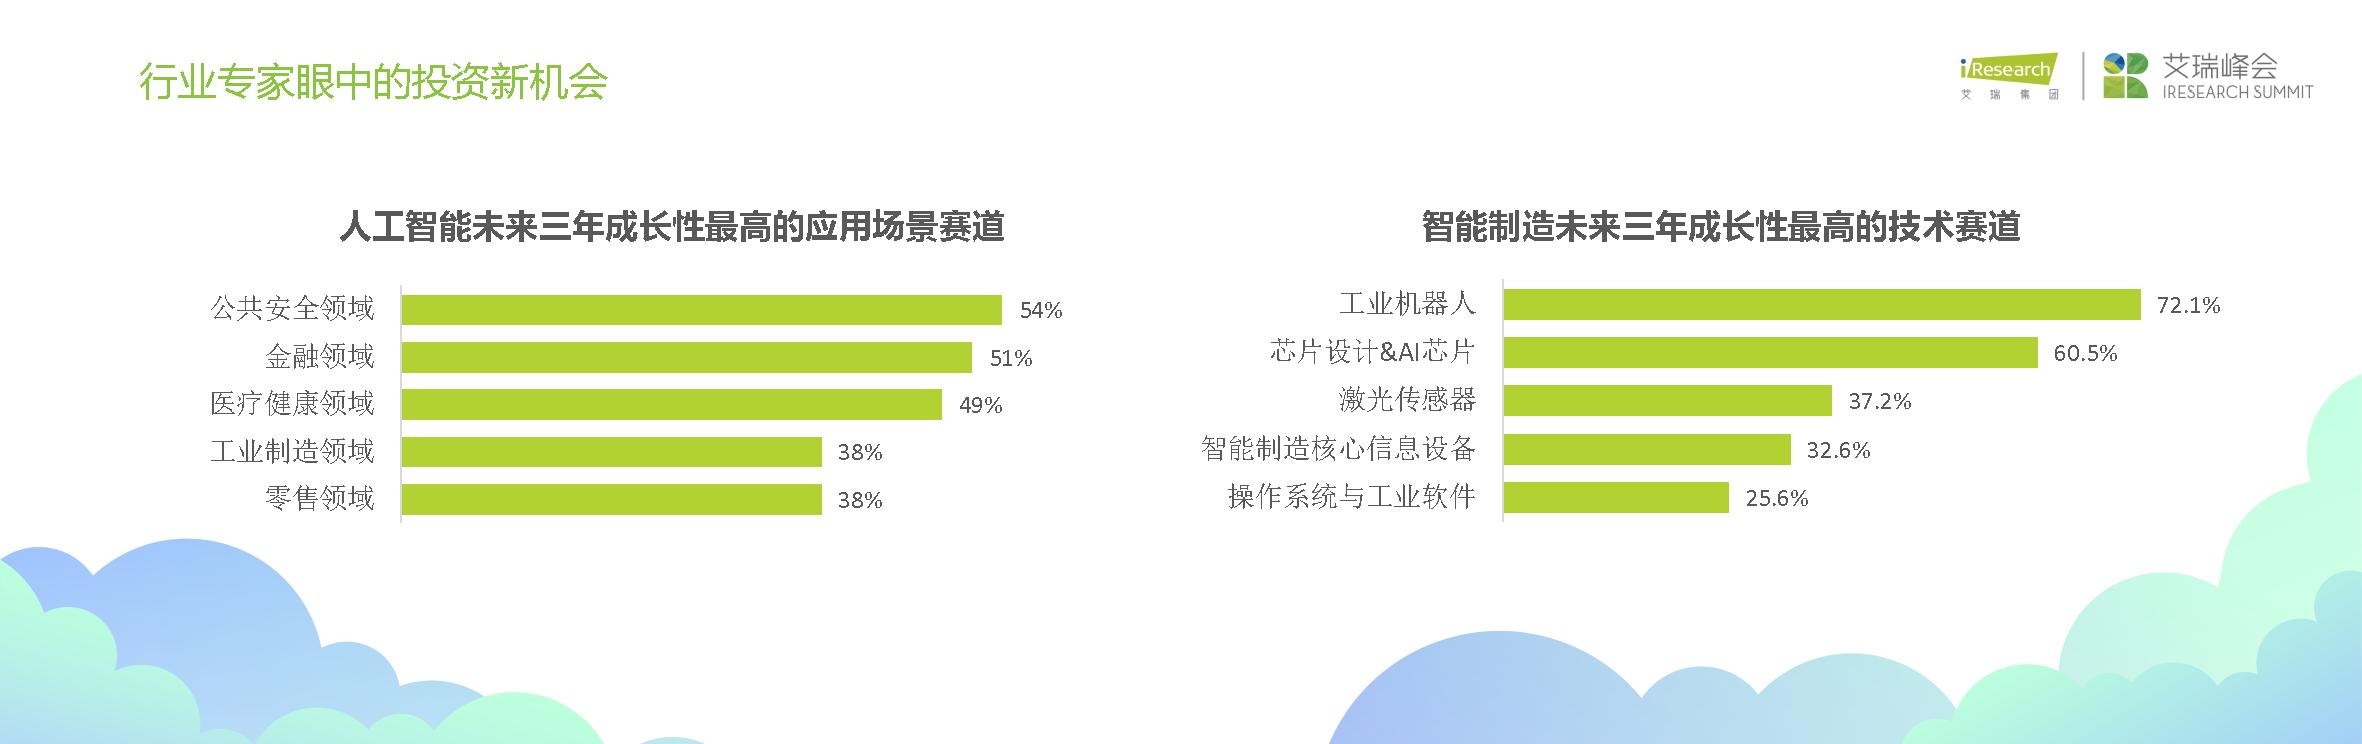 中国智造投资机会深圳峰会演讲PPTJaniceFinal_页面_07.png